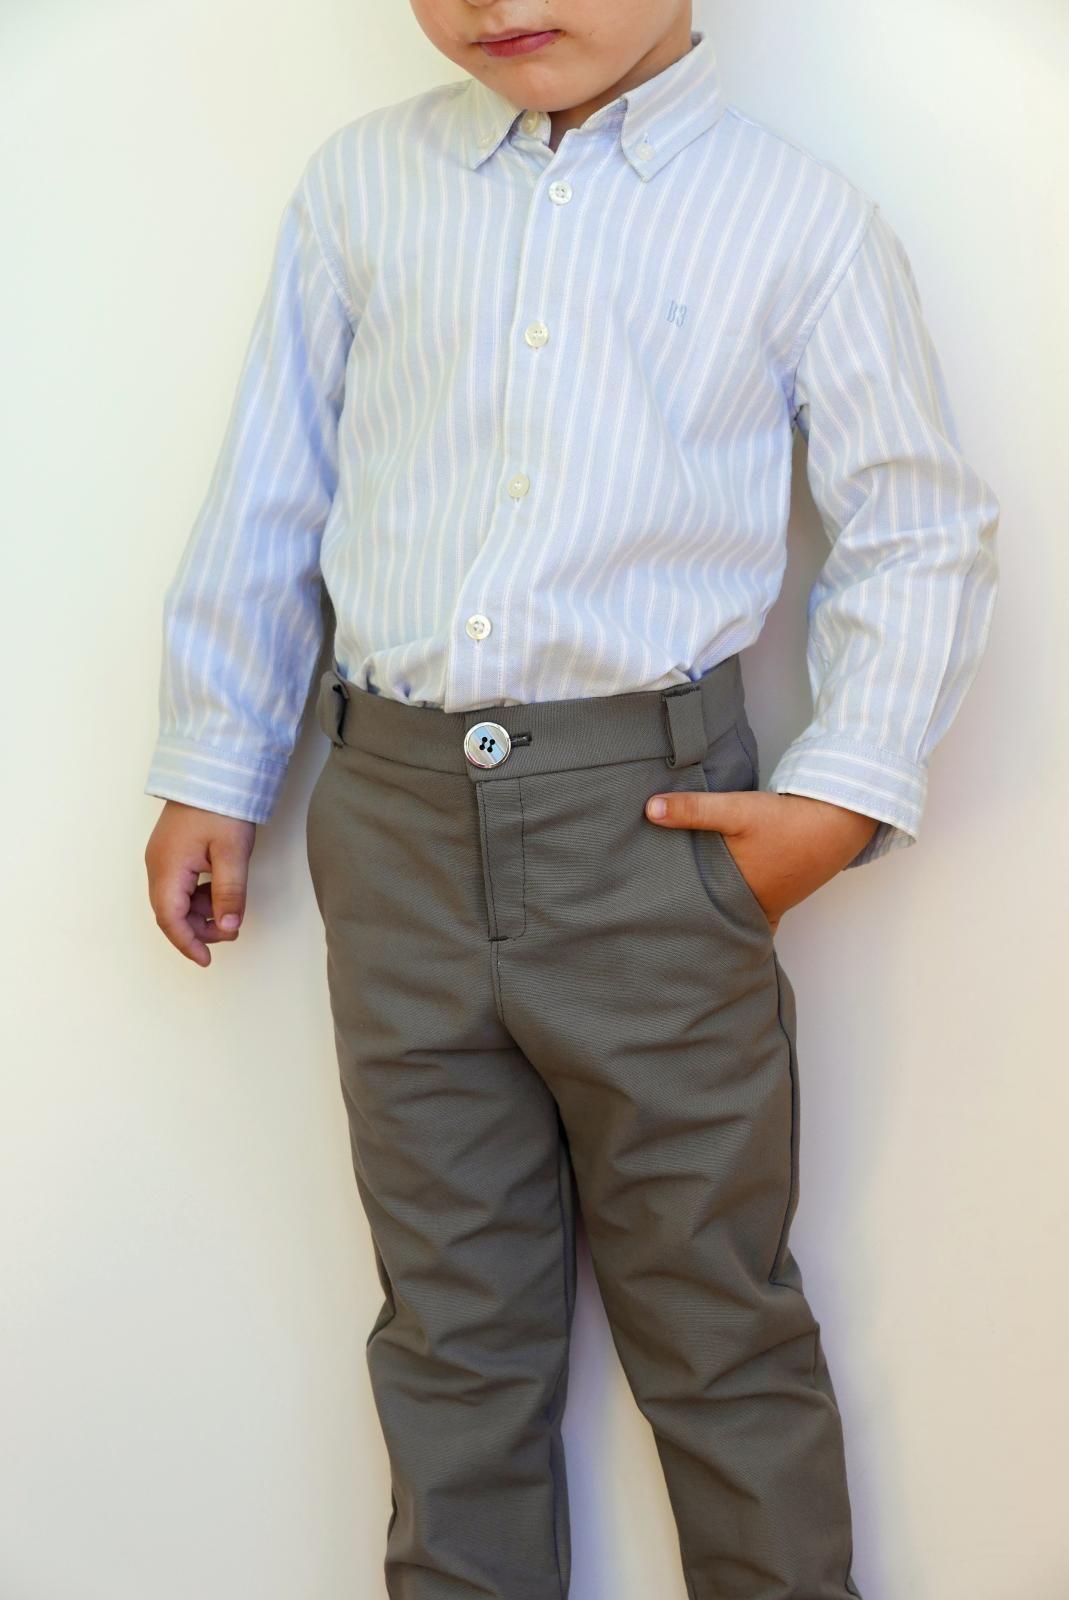 5e18d95fd Patrón PDF pantalón niño 2-7 años